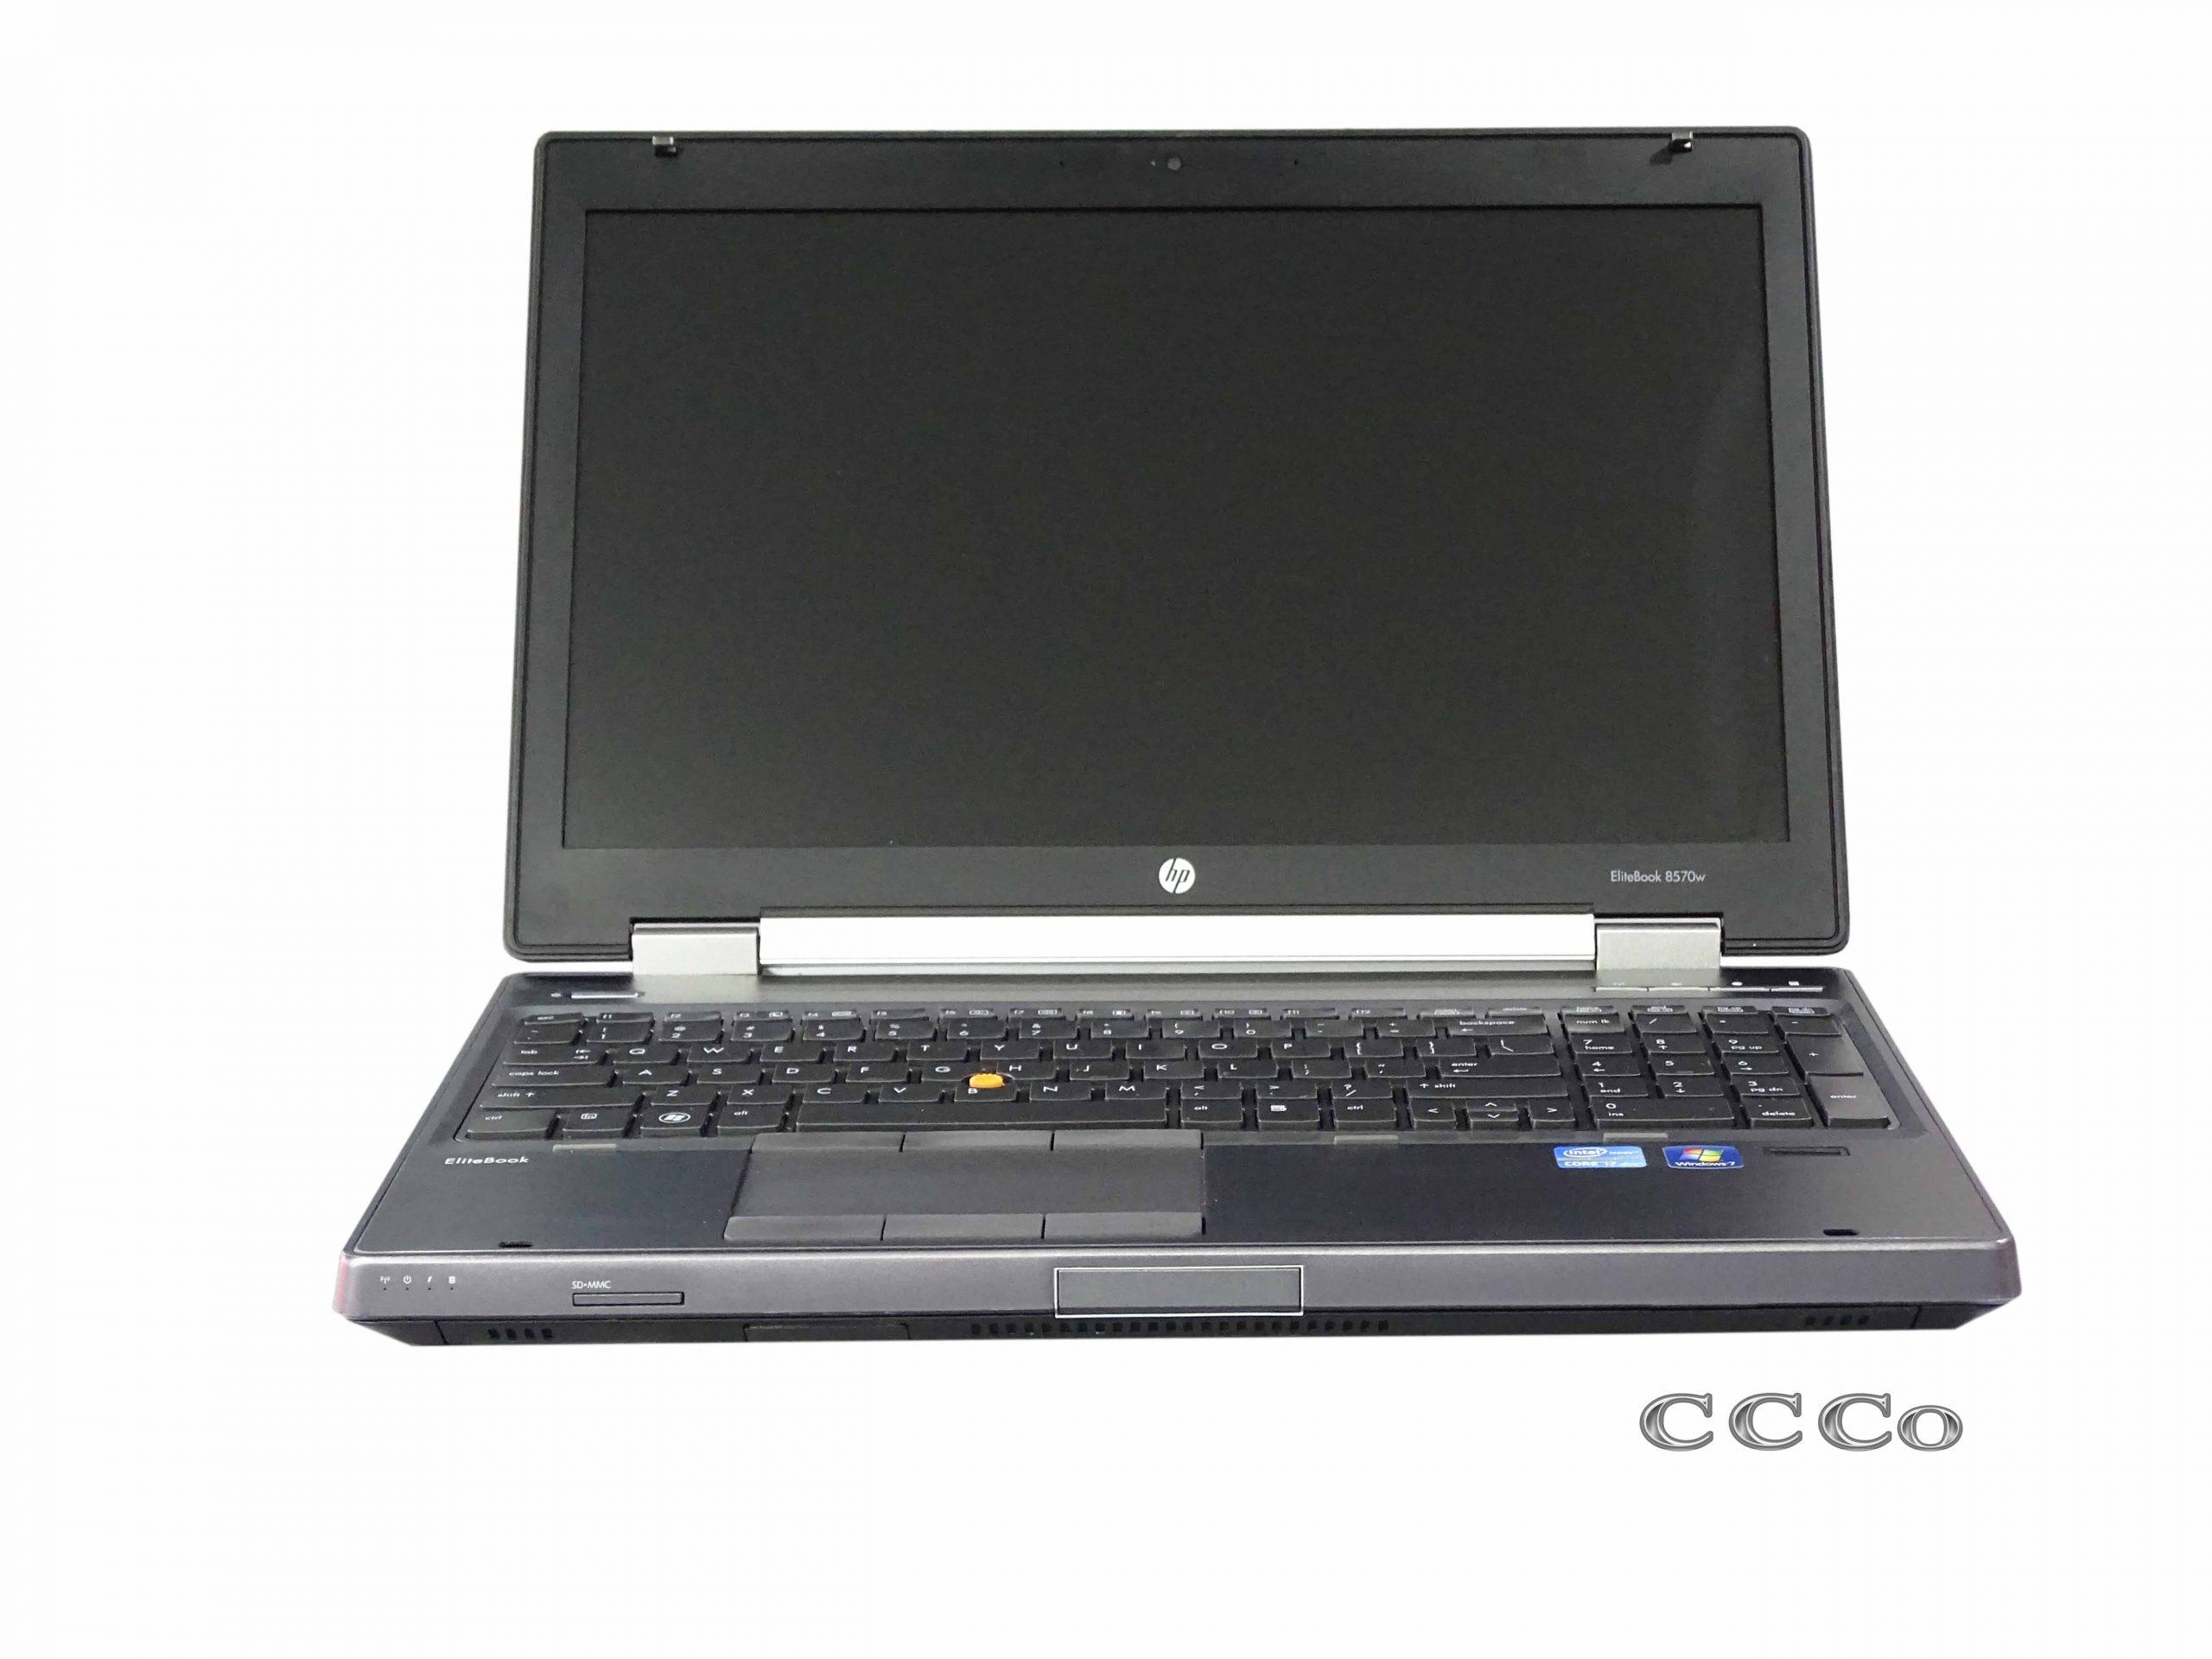 لپ تاپ استوک دست دوم HP Elitebook 8570w